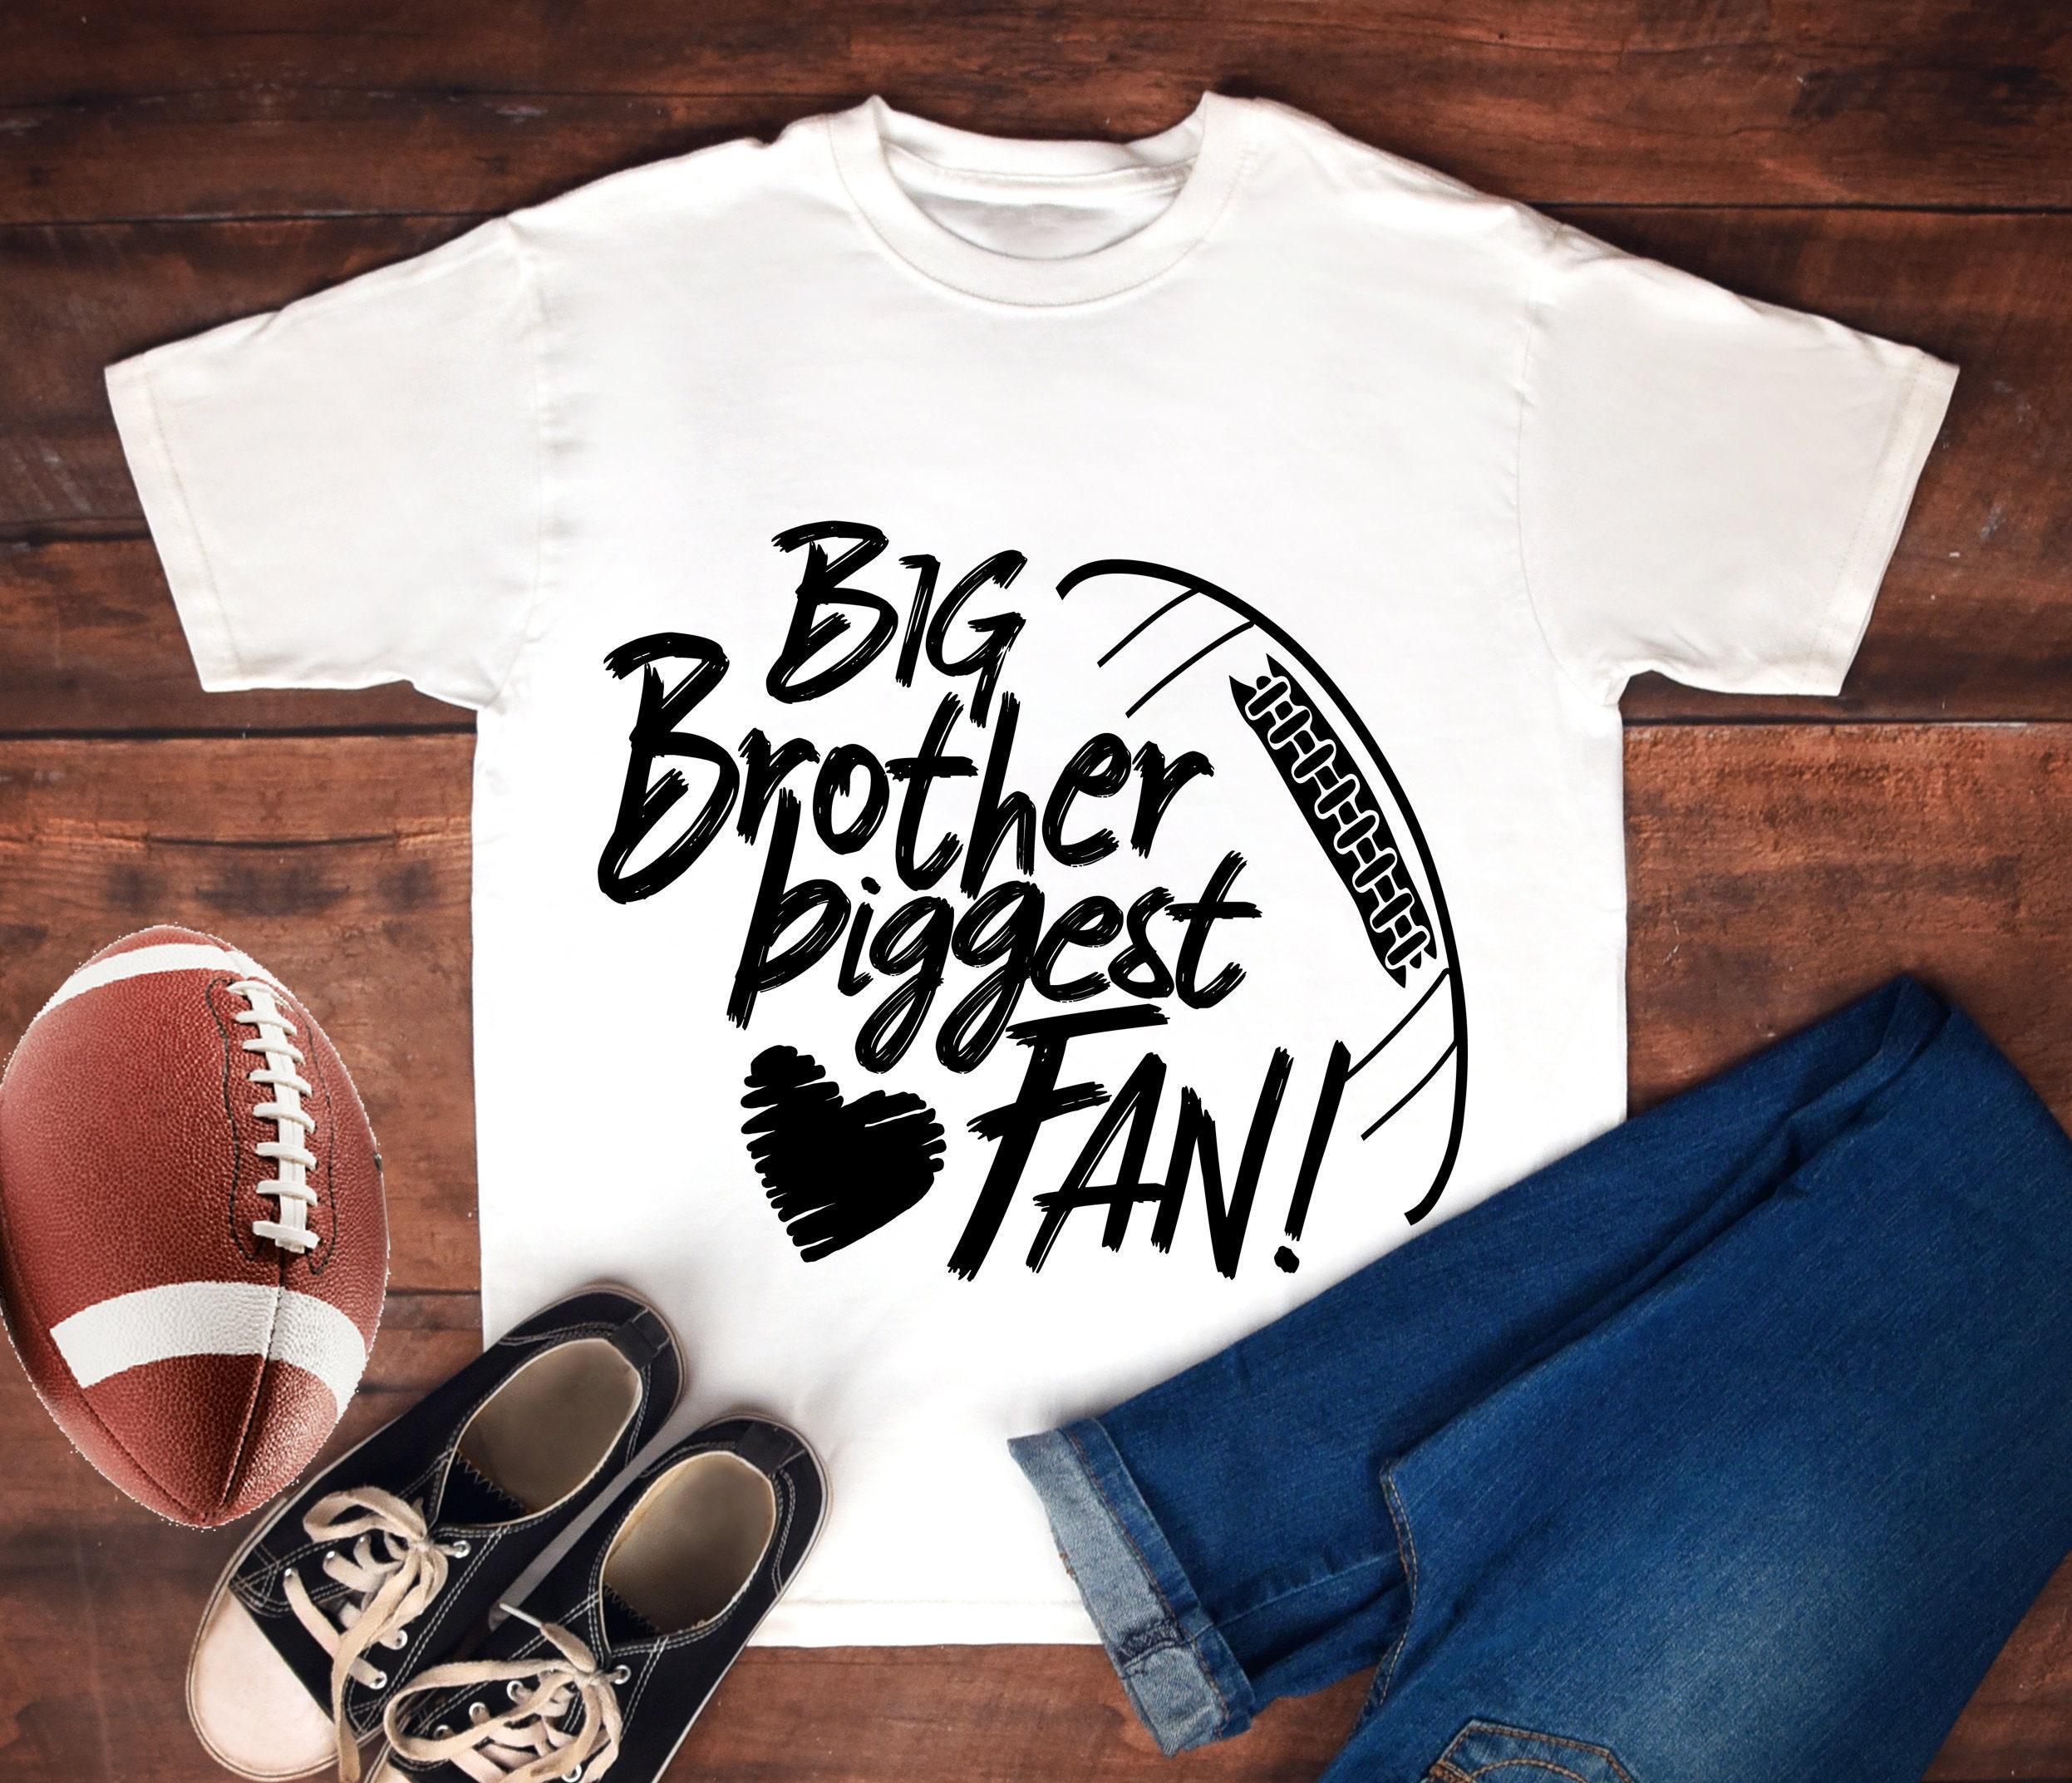 7aac044a335 ... Football Fan shirt design